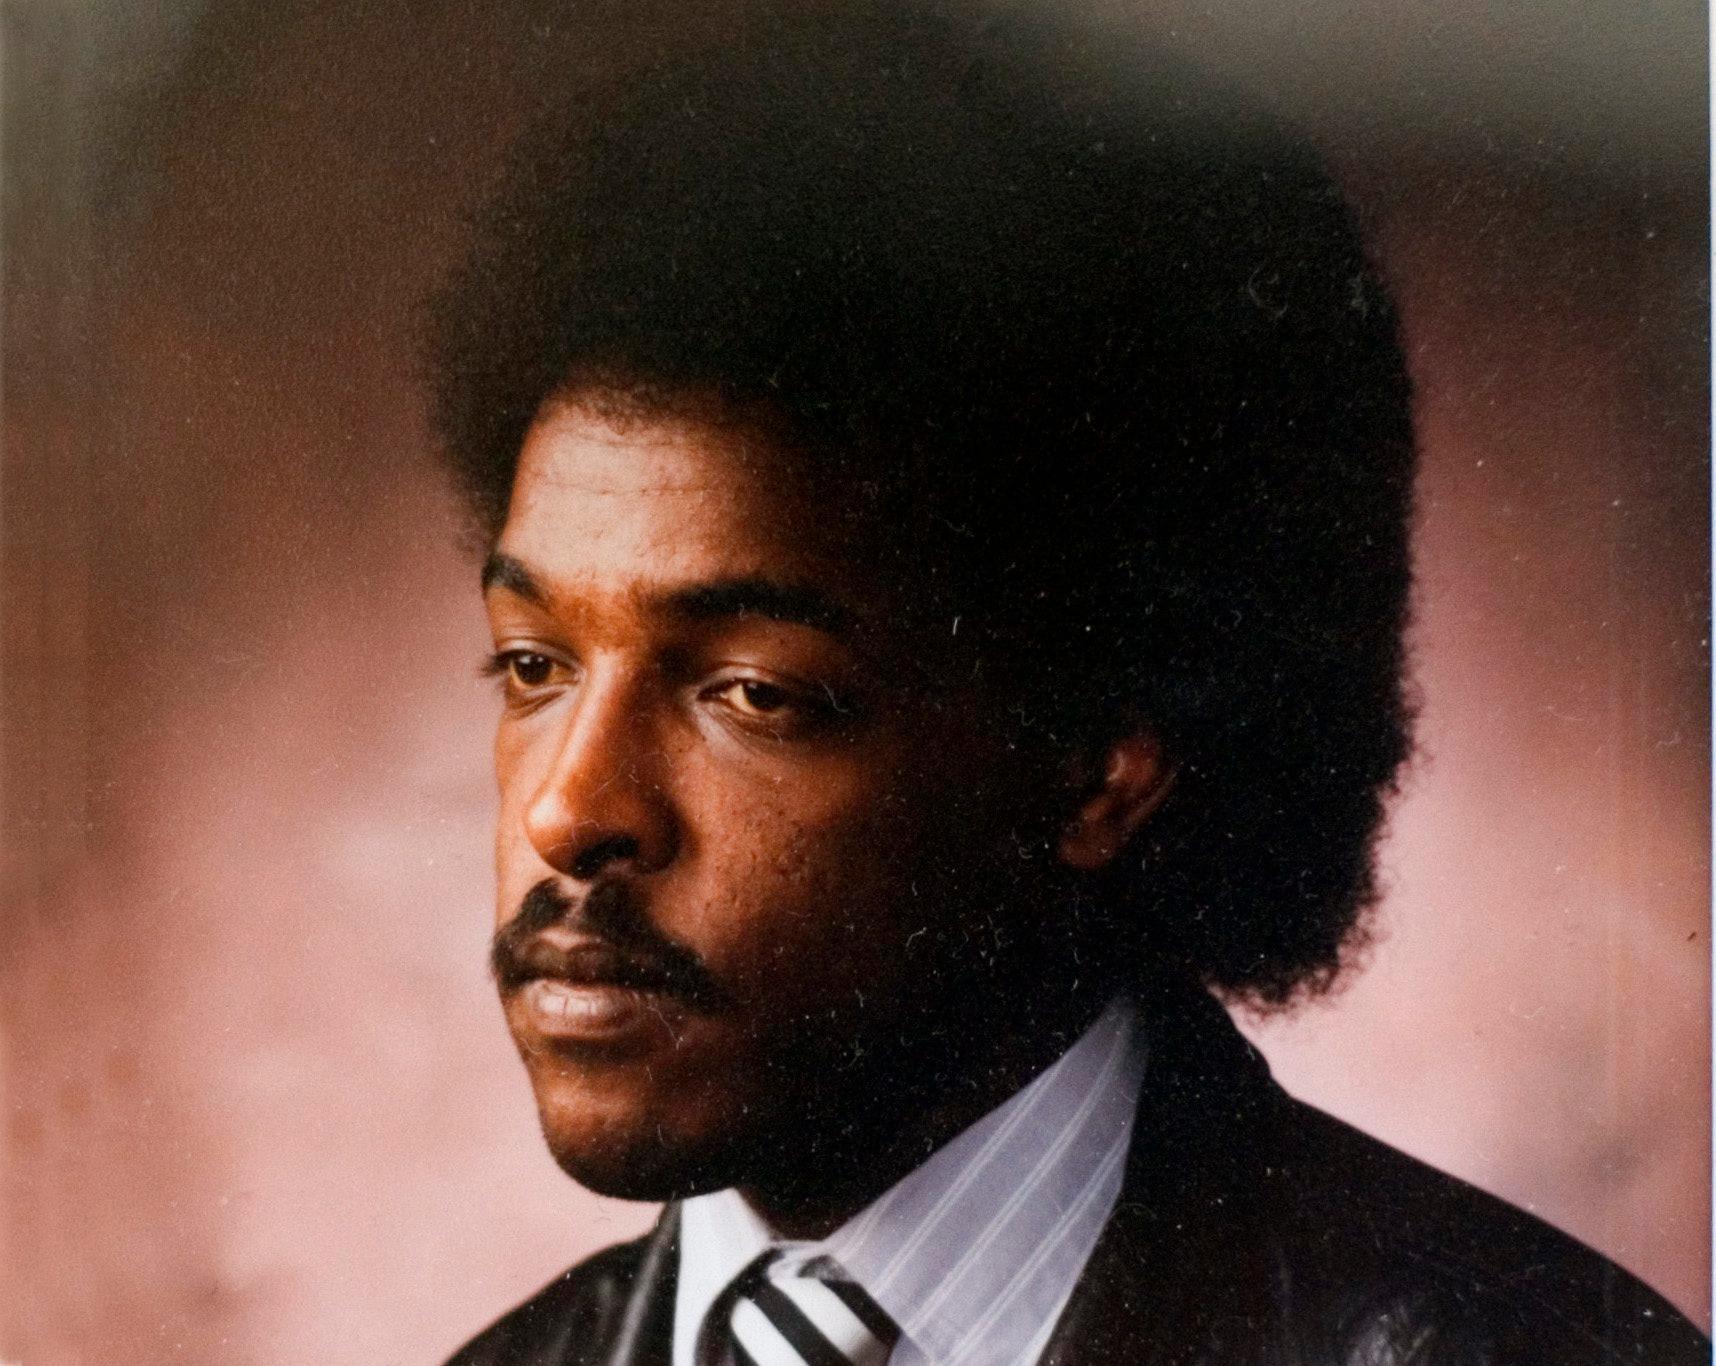 Den 23 september har Dawit Isaak suttit fängslad i 20 år. Dagens upprop kräver att EU tar ansvar för sin medborgare samtidigt som pressen måste öka för att förändra den politiska situationen i Eritrea.